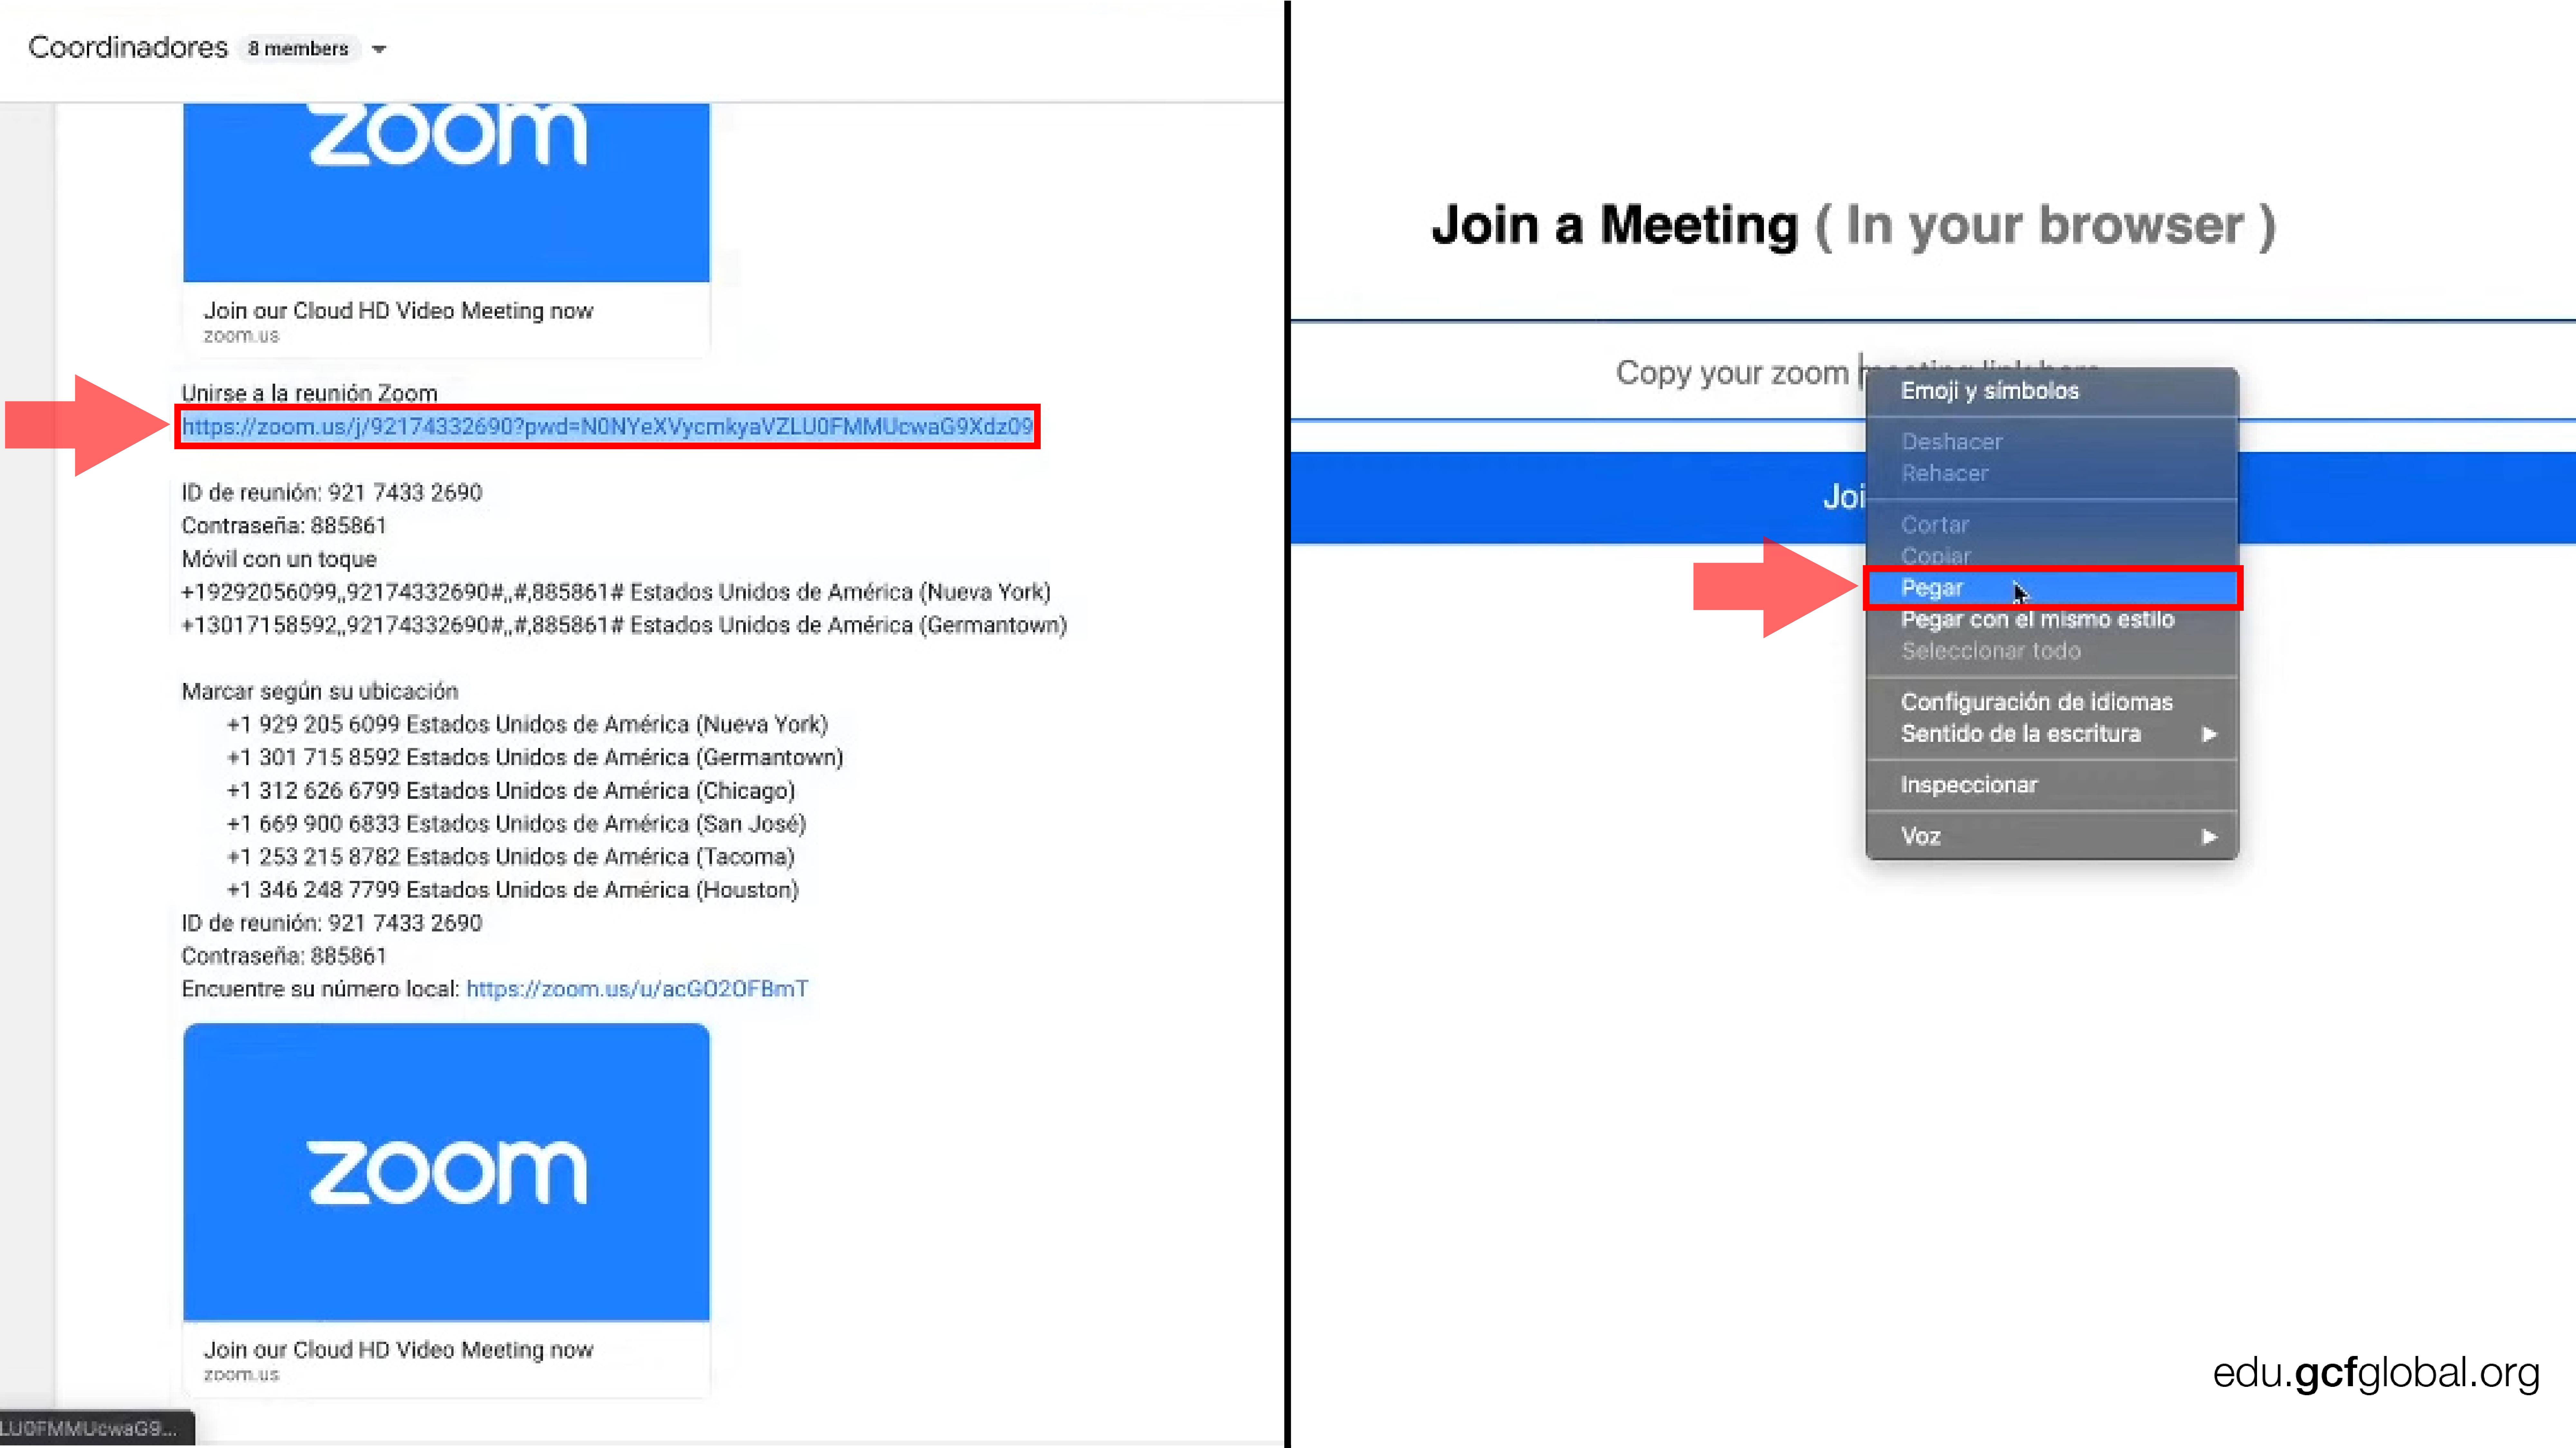 Imagen copiando y pegando el link de la reunión de Zoom.